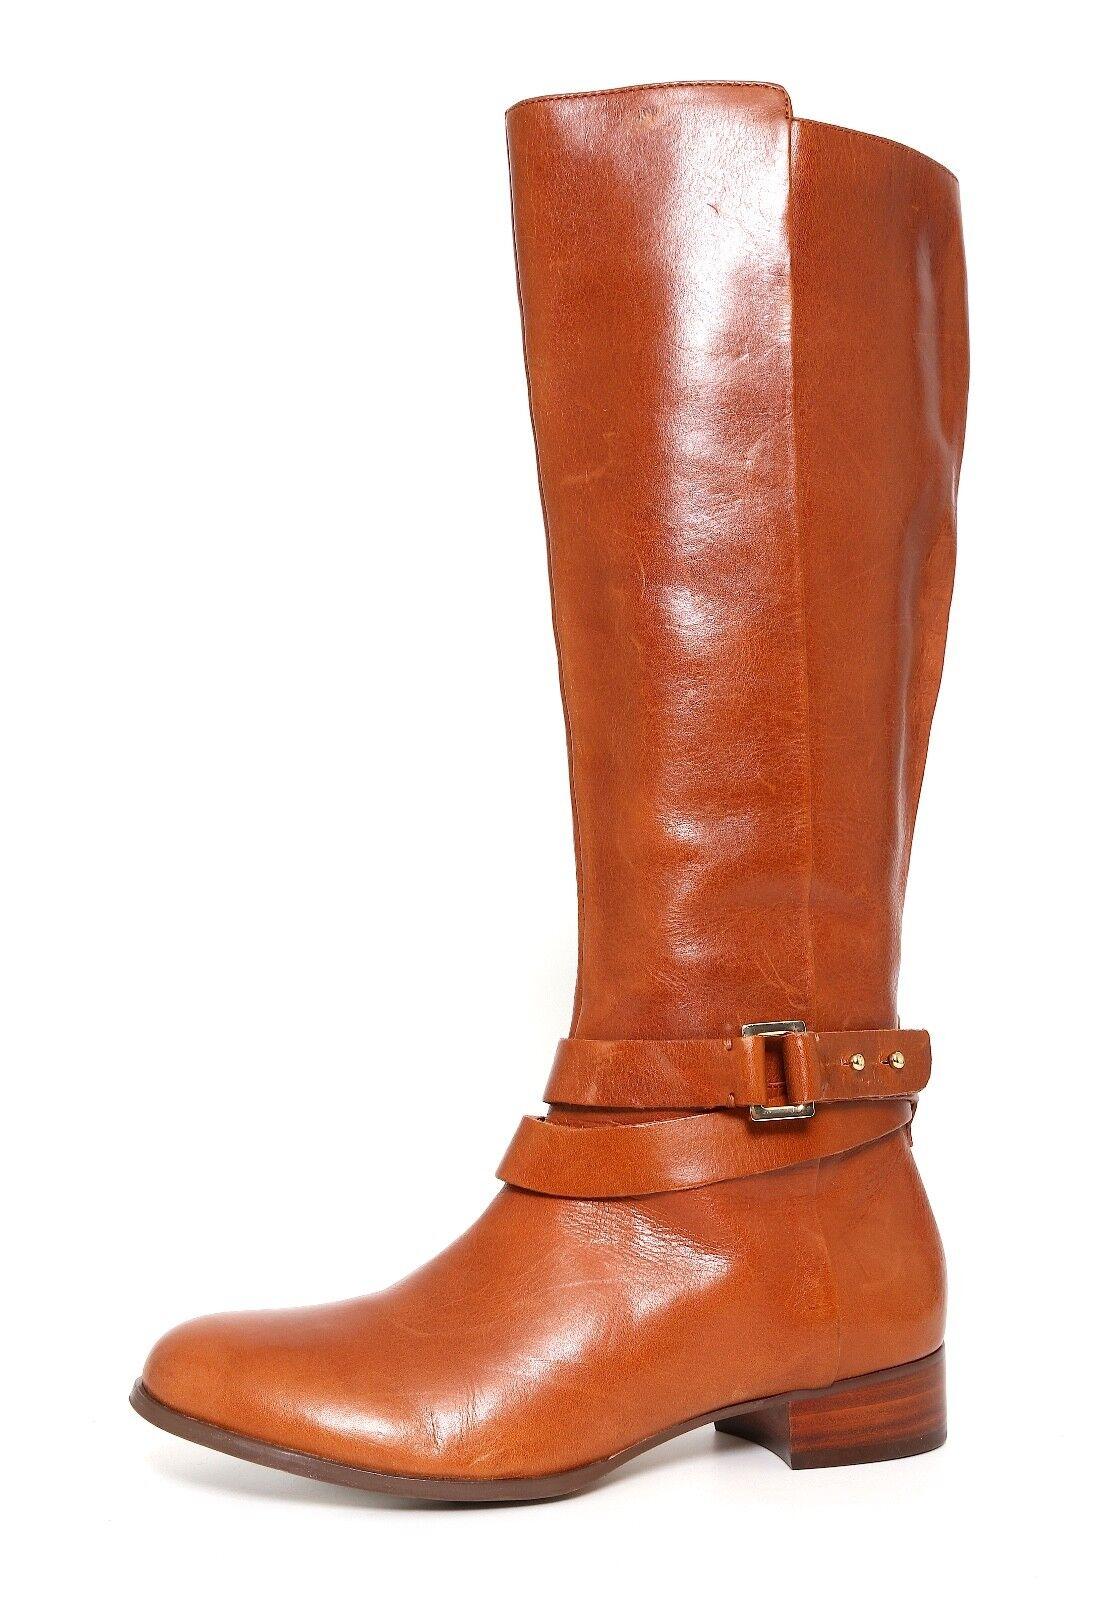 Louise Et Cie Vivah Pelle Boot Brown Donna Sz 37 EUR 1489*